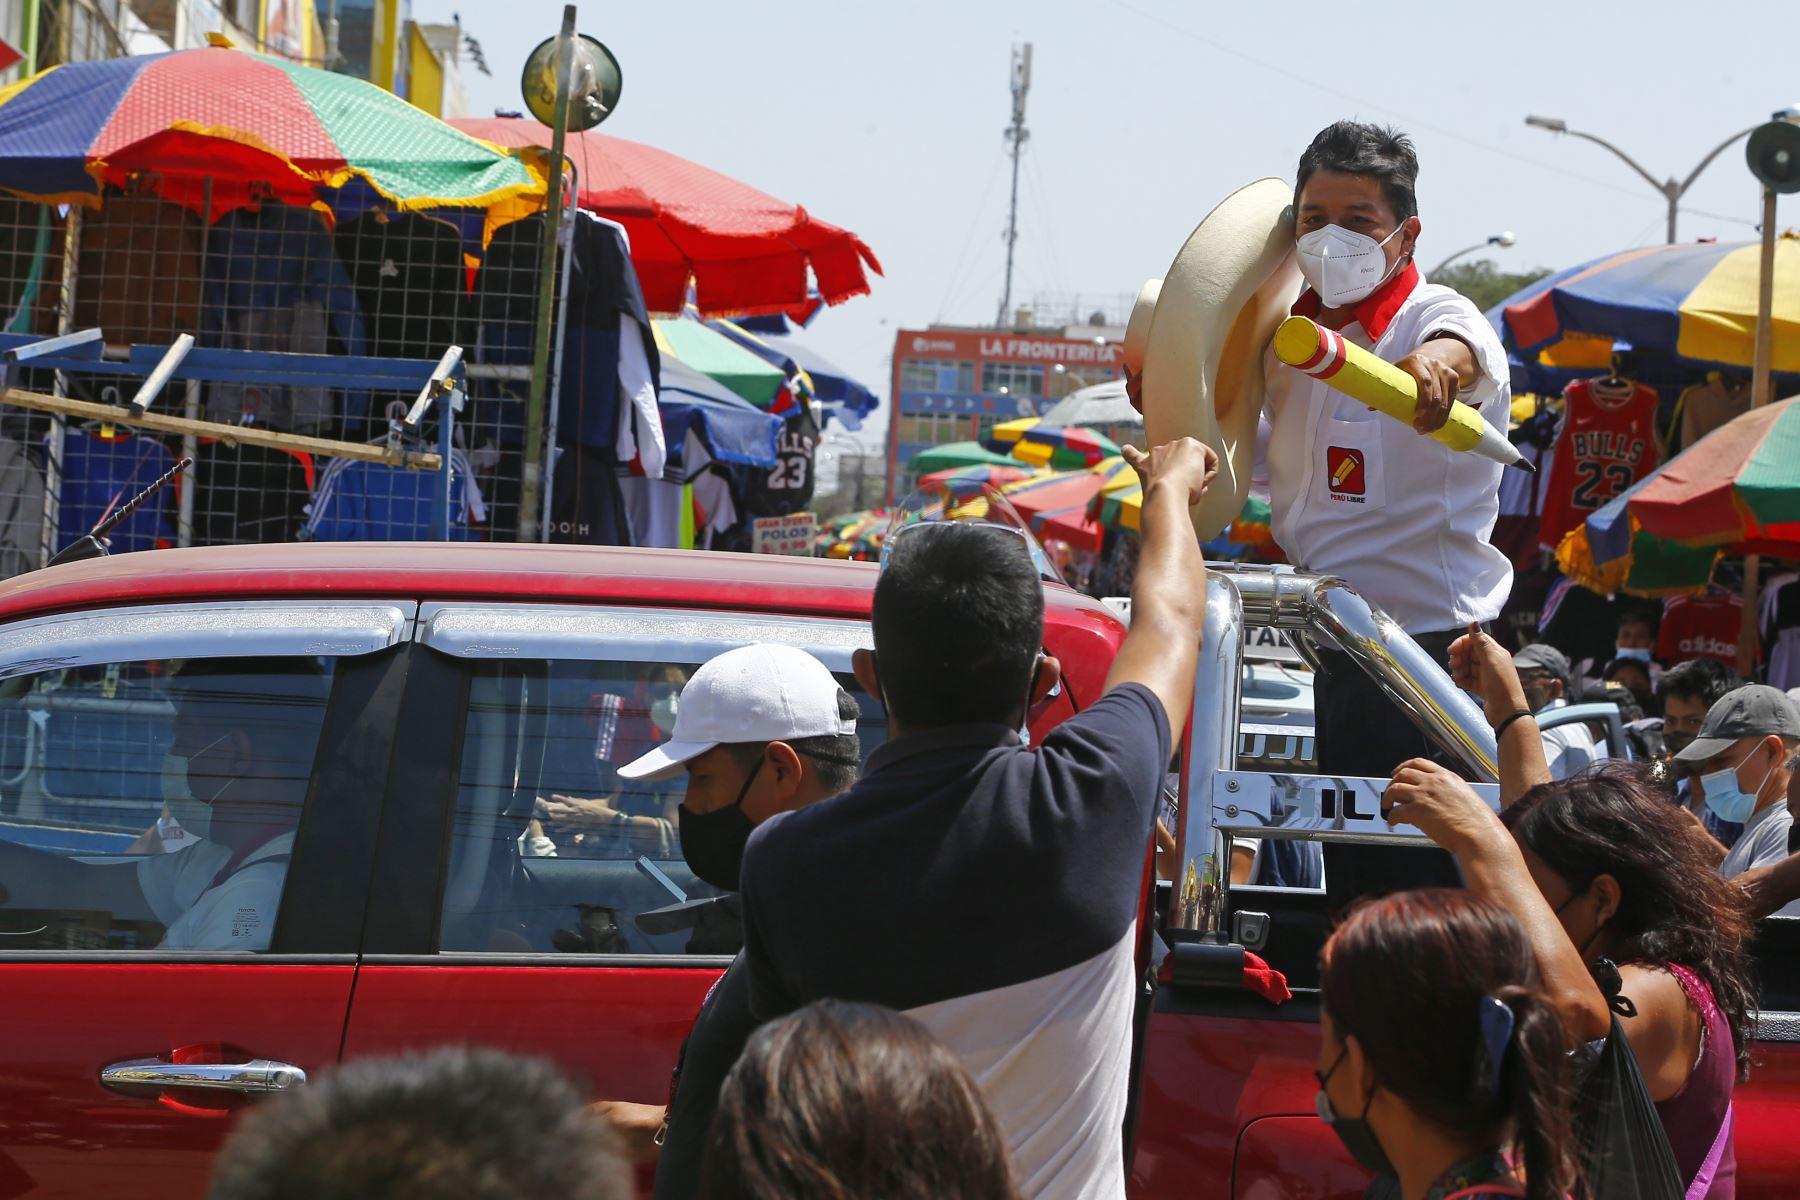 Caravana del candidato Pedro Castillo por calles y mercados del distrito José Leonardo Ortiz en la ciudad de Chiclayo, como parte de su agenda en la región de Lambayeque. Foto: ANDINA/Andrés Valle